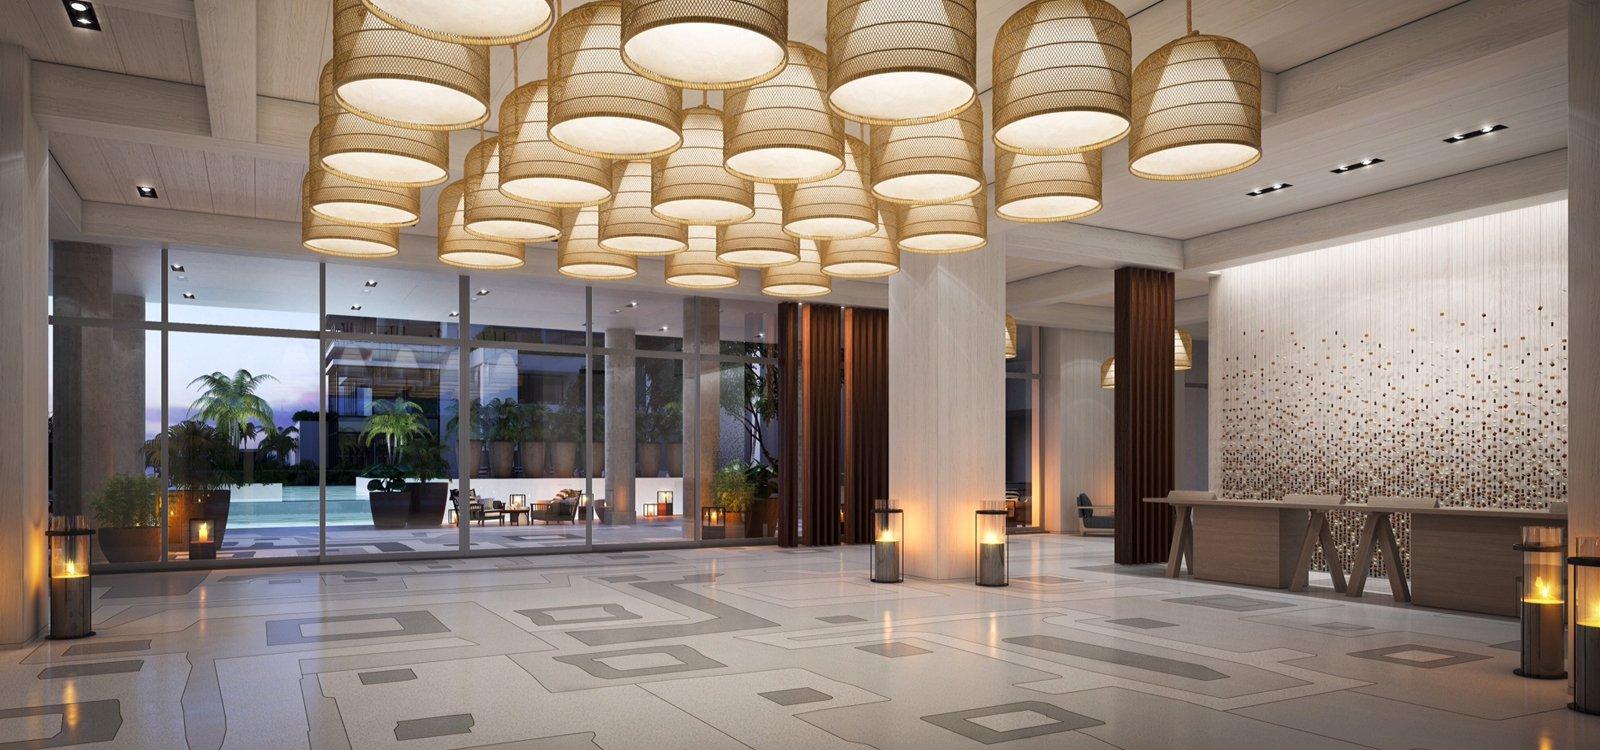 El hotel Grand Hyatt abre sus puertas en la ciudad olímpica de Río de Janeiro